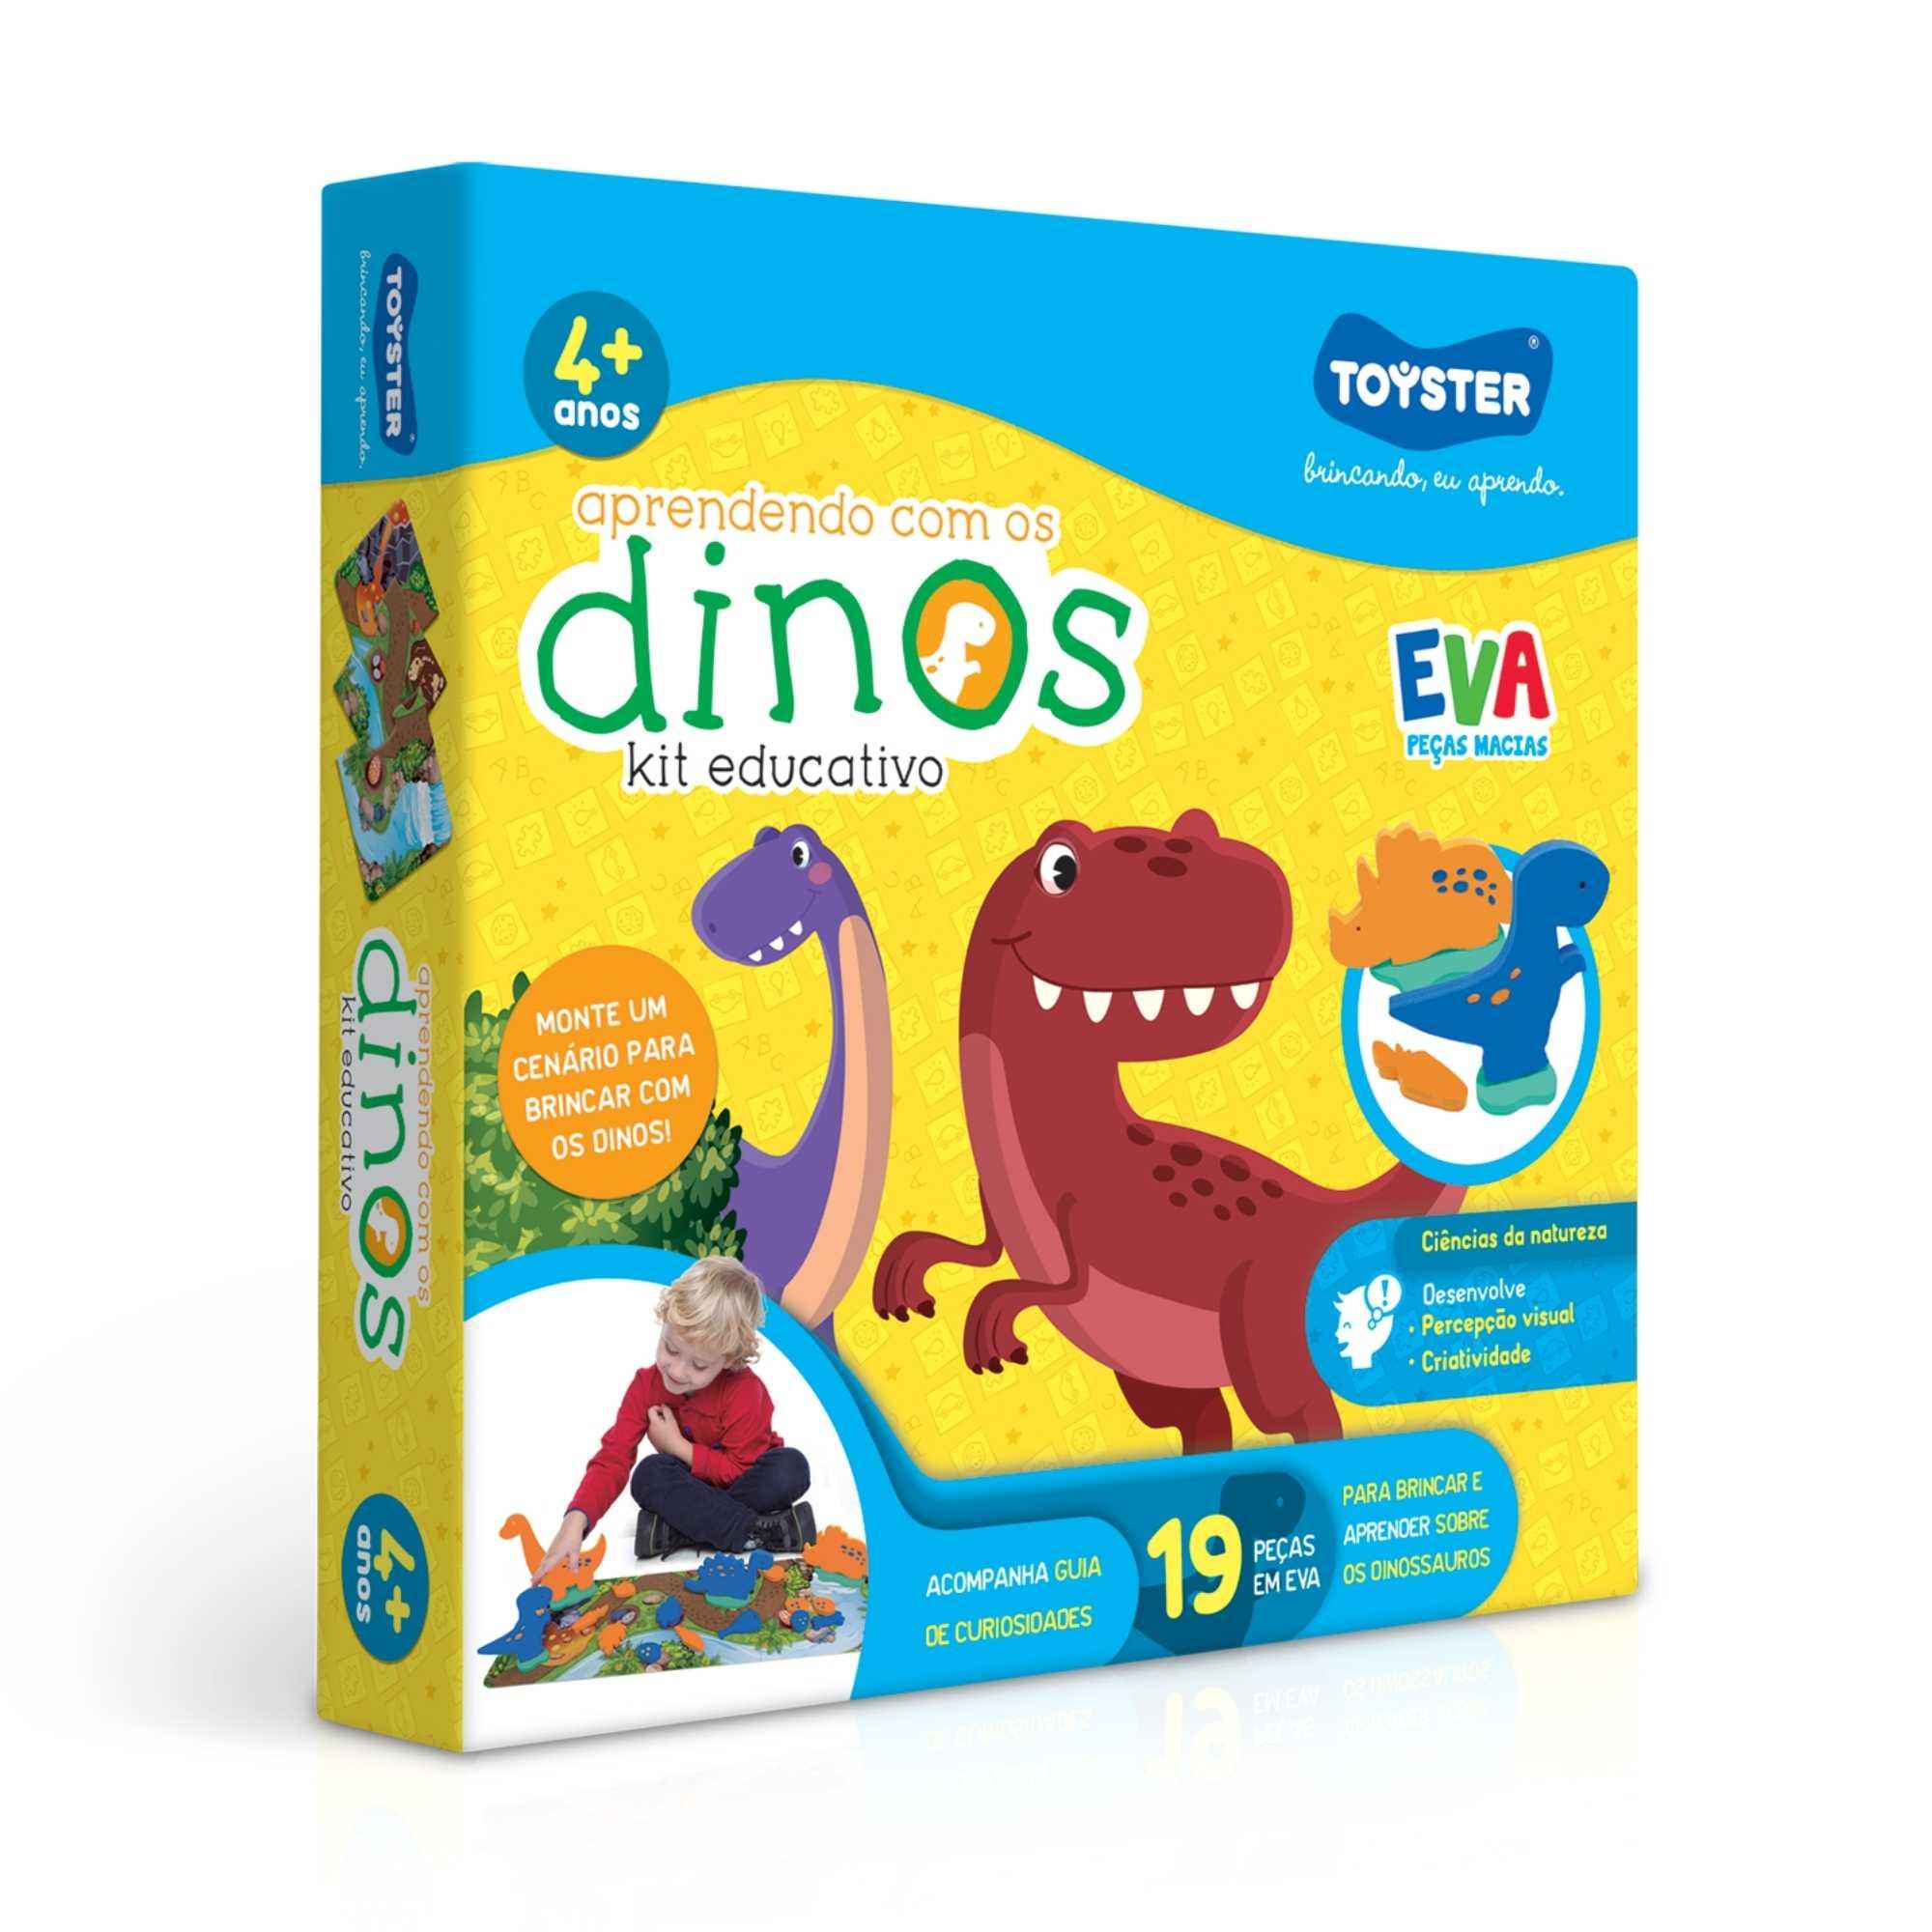 Jogo Educativo Aprendendo com os Dinos EVA